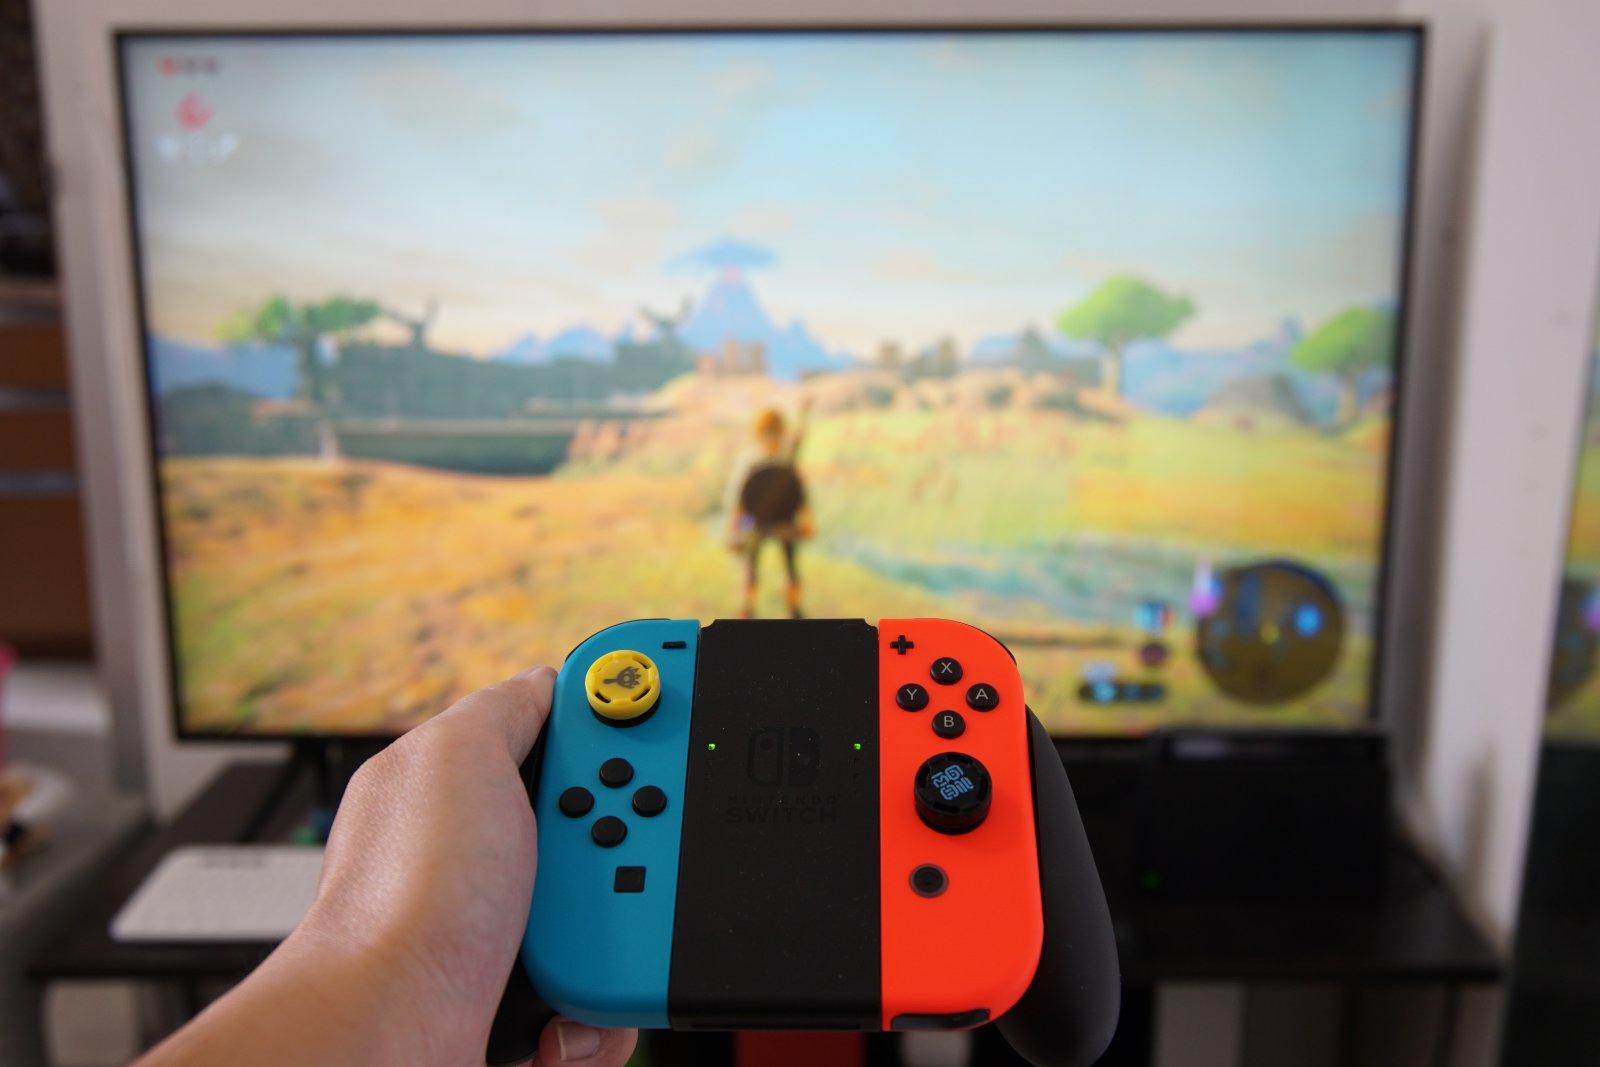 Nintendo Switch nunca se ha vendido tan bien a pesar de la feroz competencia de PS5 y Xbox Series X